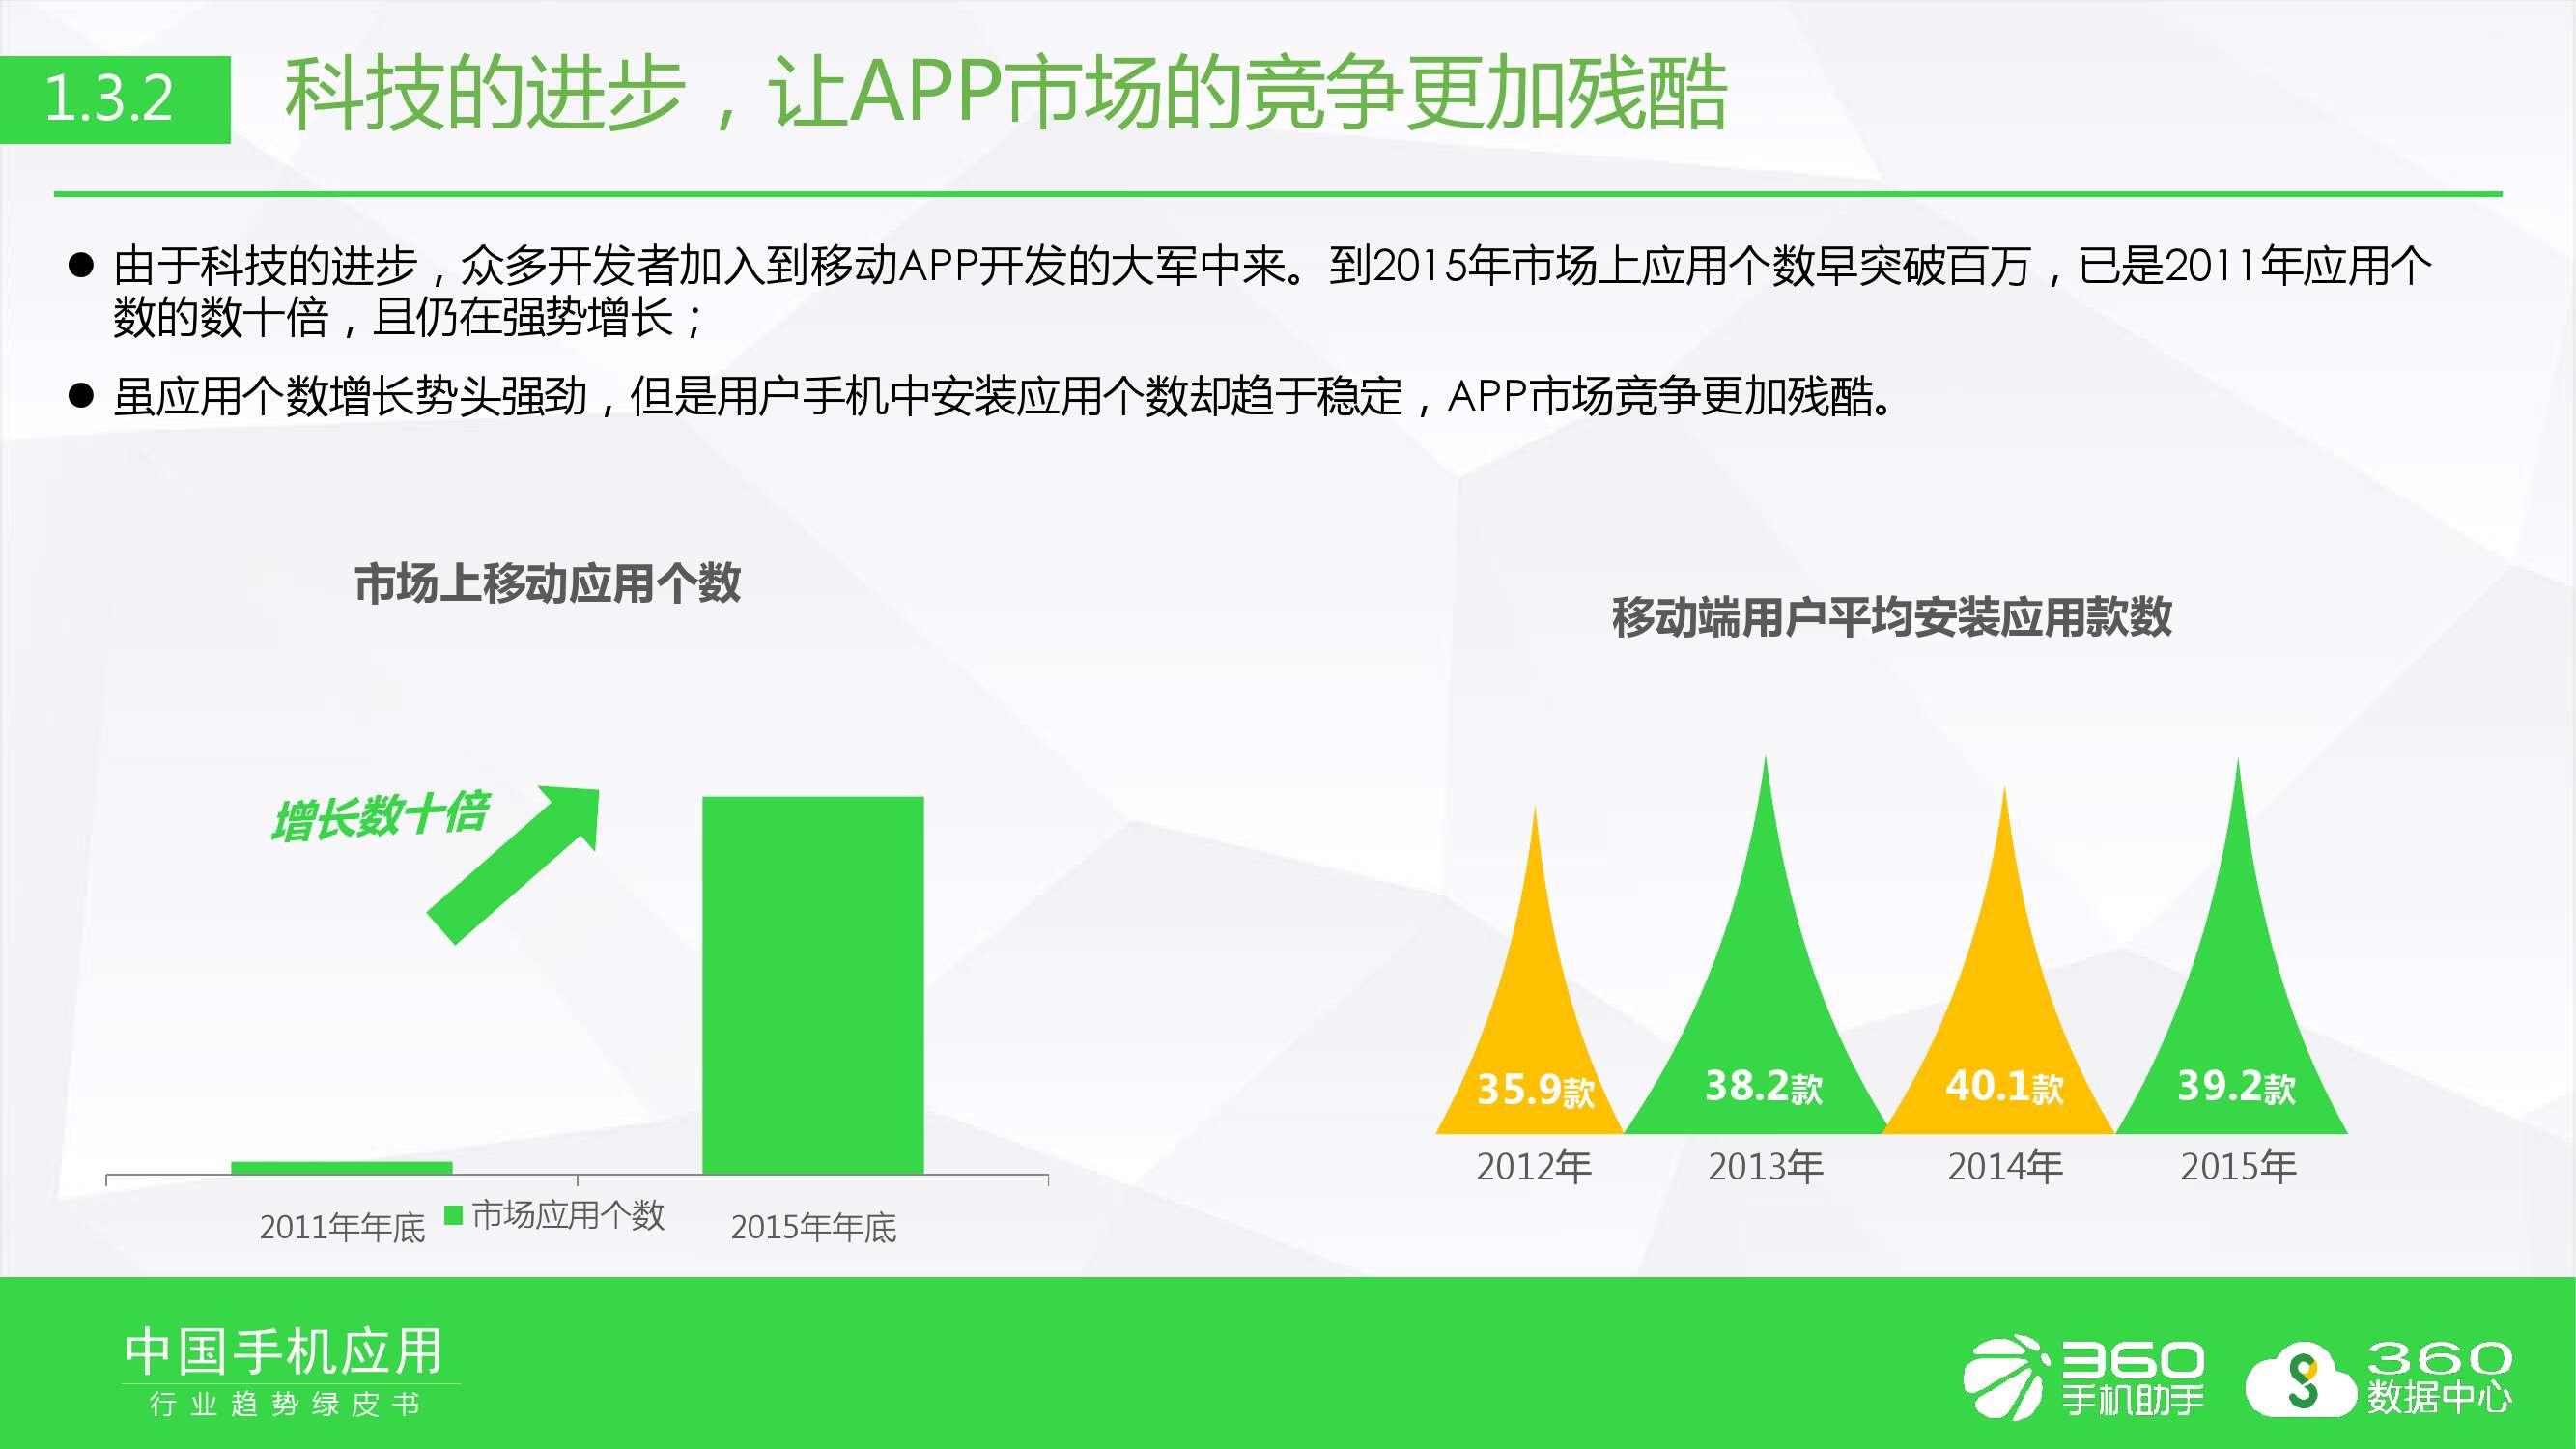 2016年手机软件行业趋势绿皮书_000008